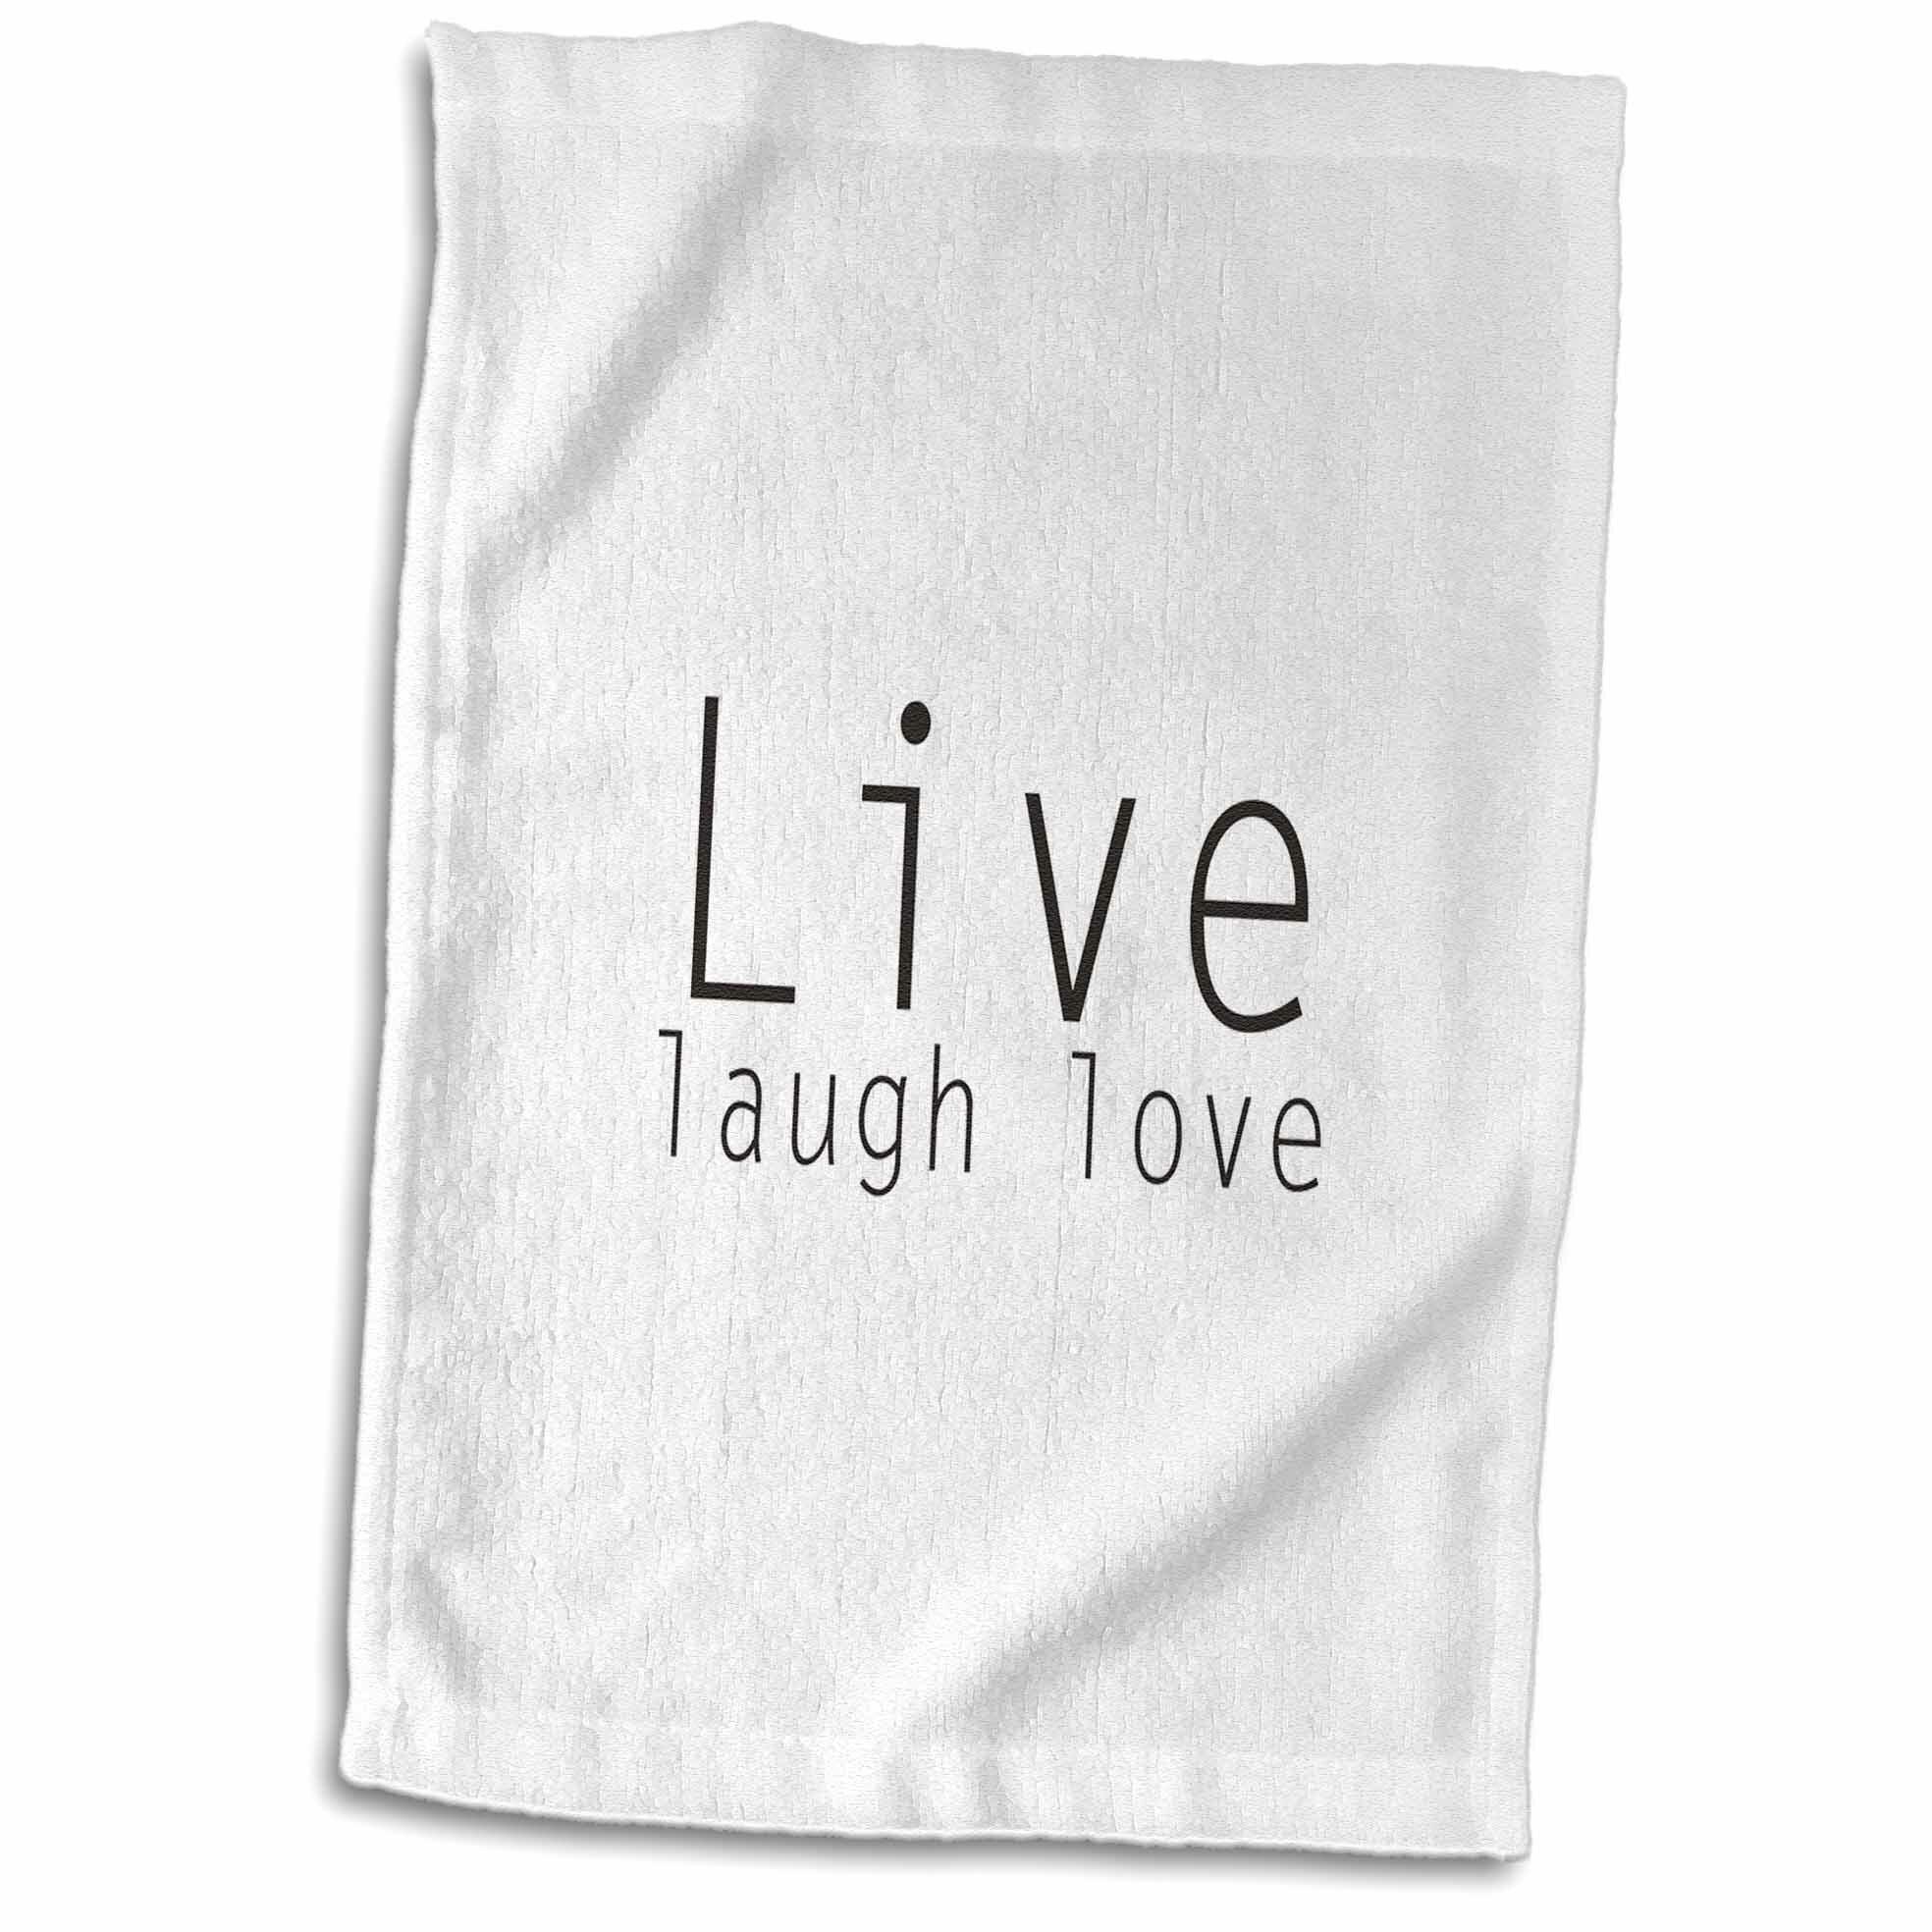 Symple Stuff Laivai Live Laugh Love Hand Towel Wayfair